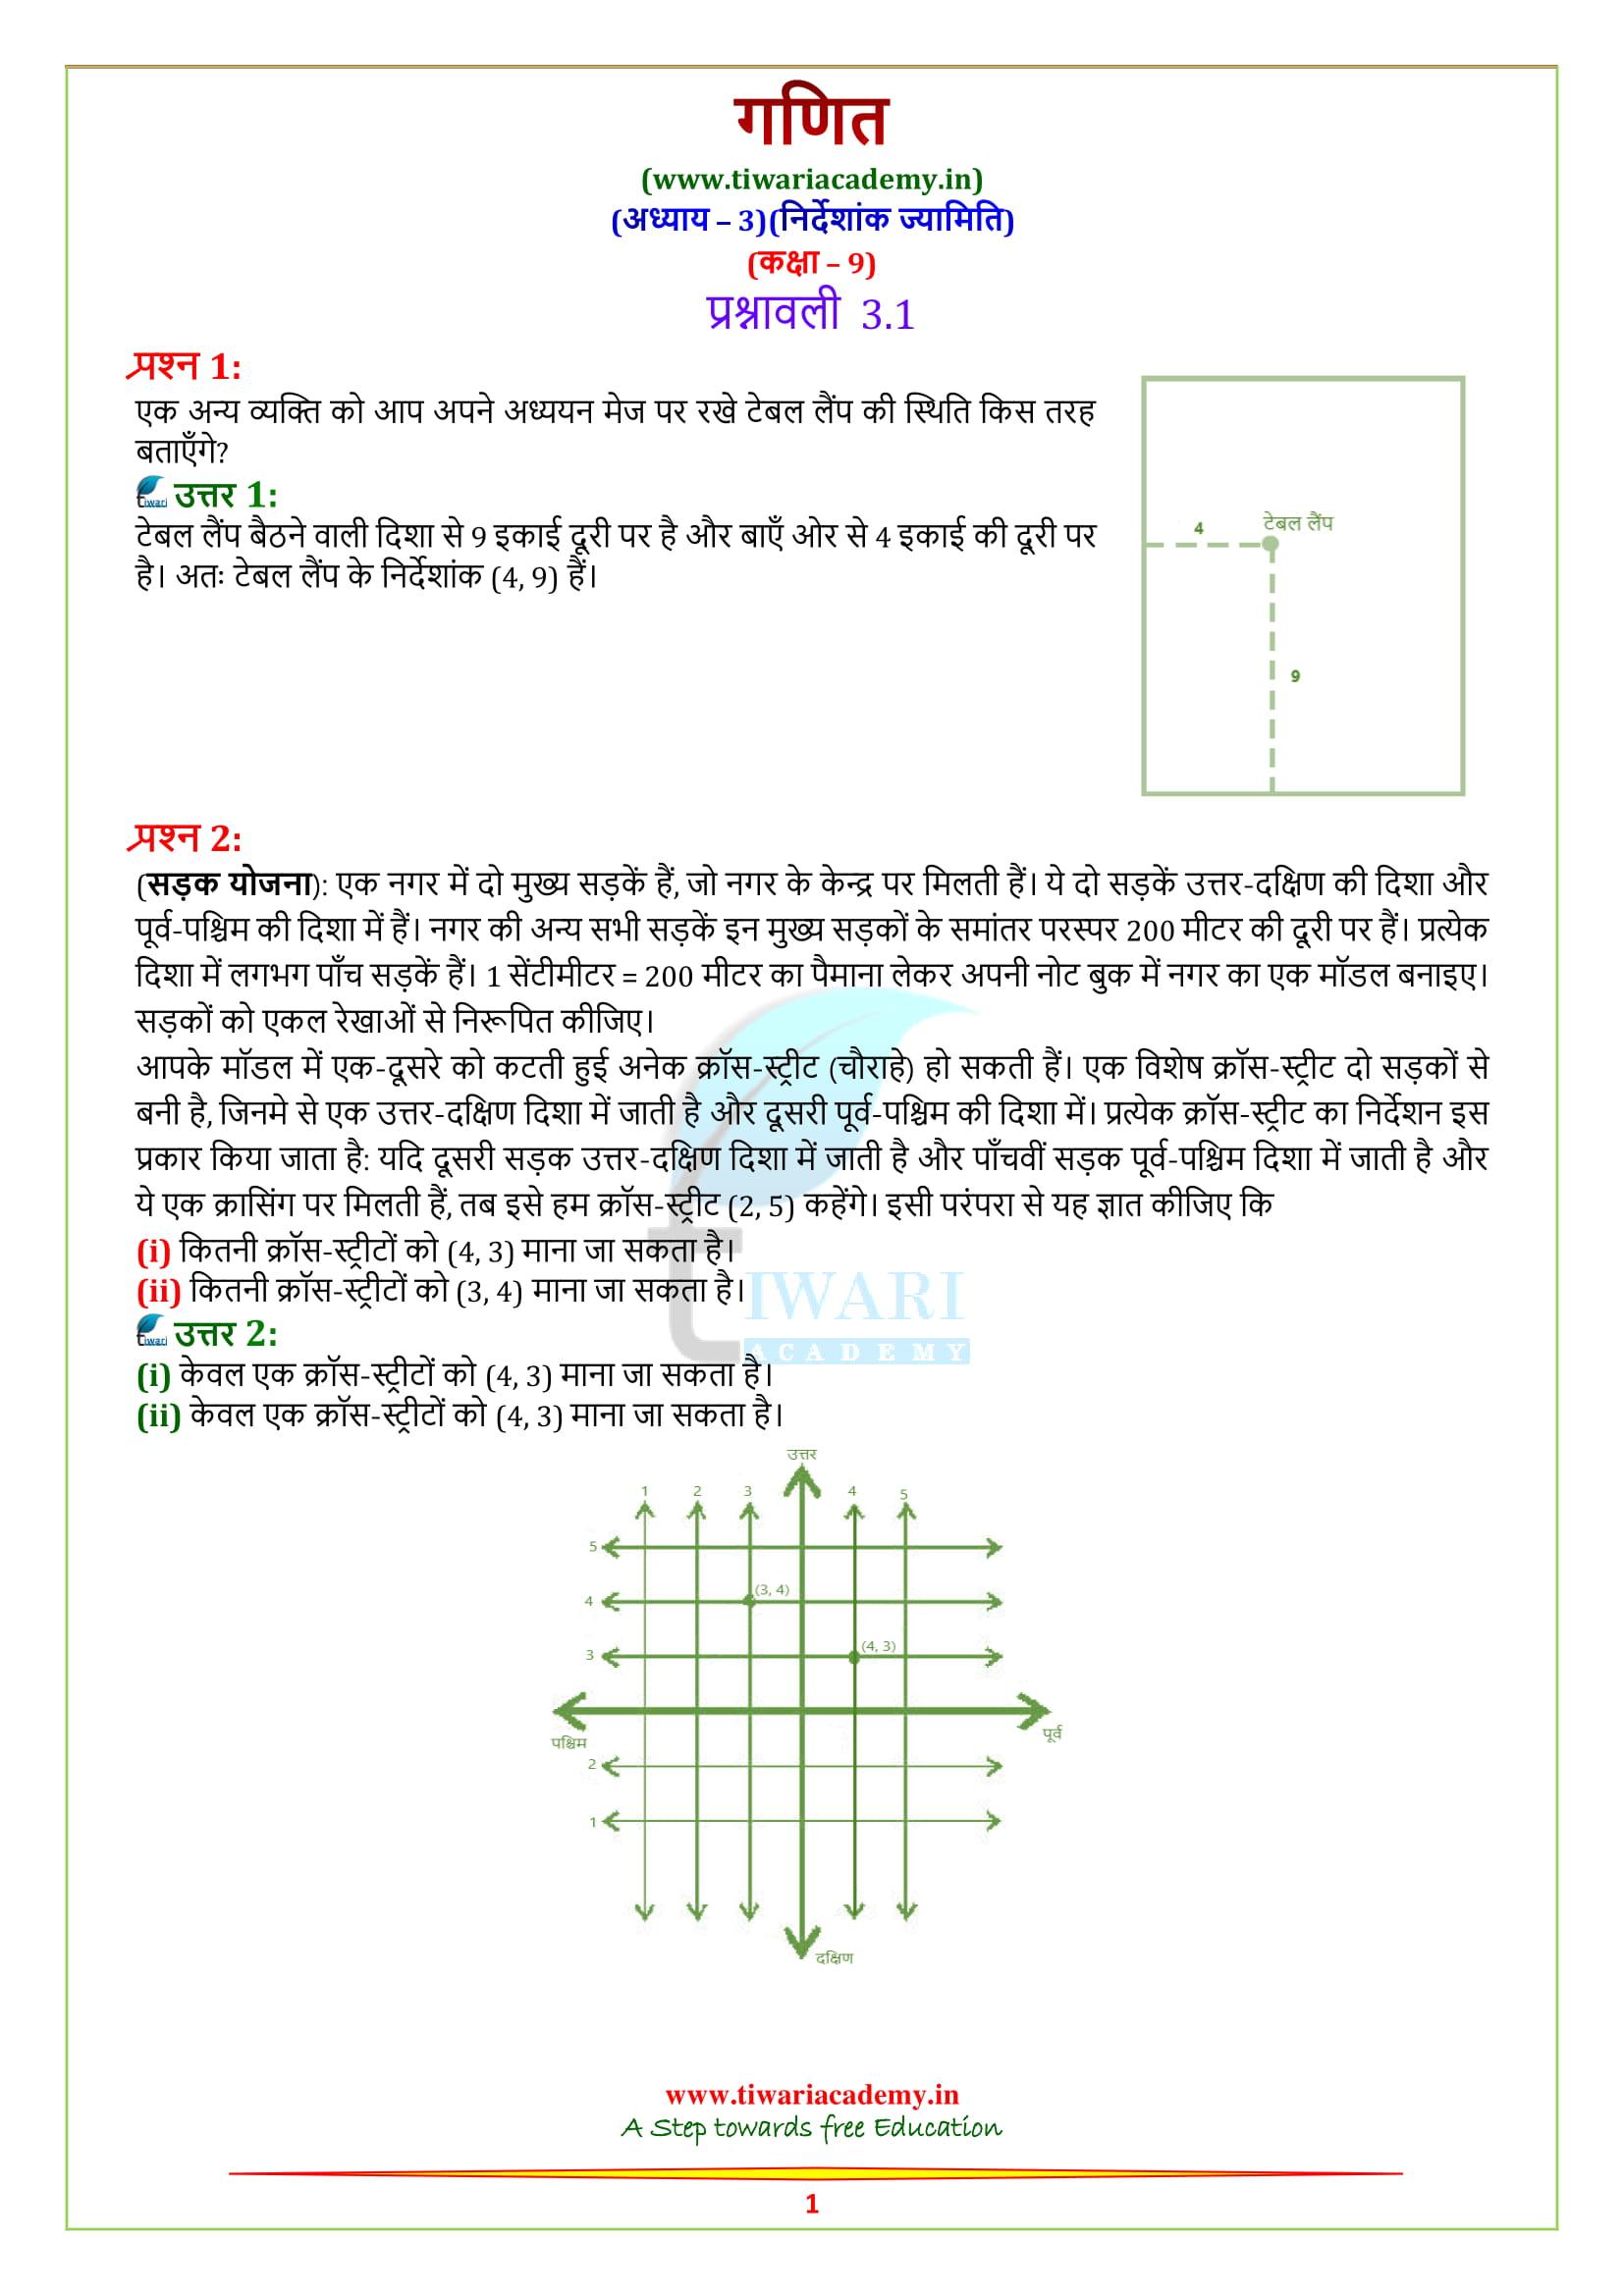 NCERT Solutions for class 9 Maths Chapter 3